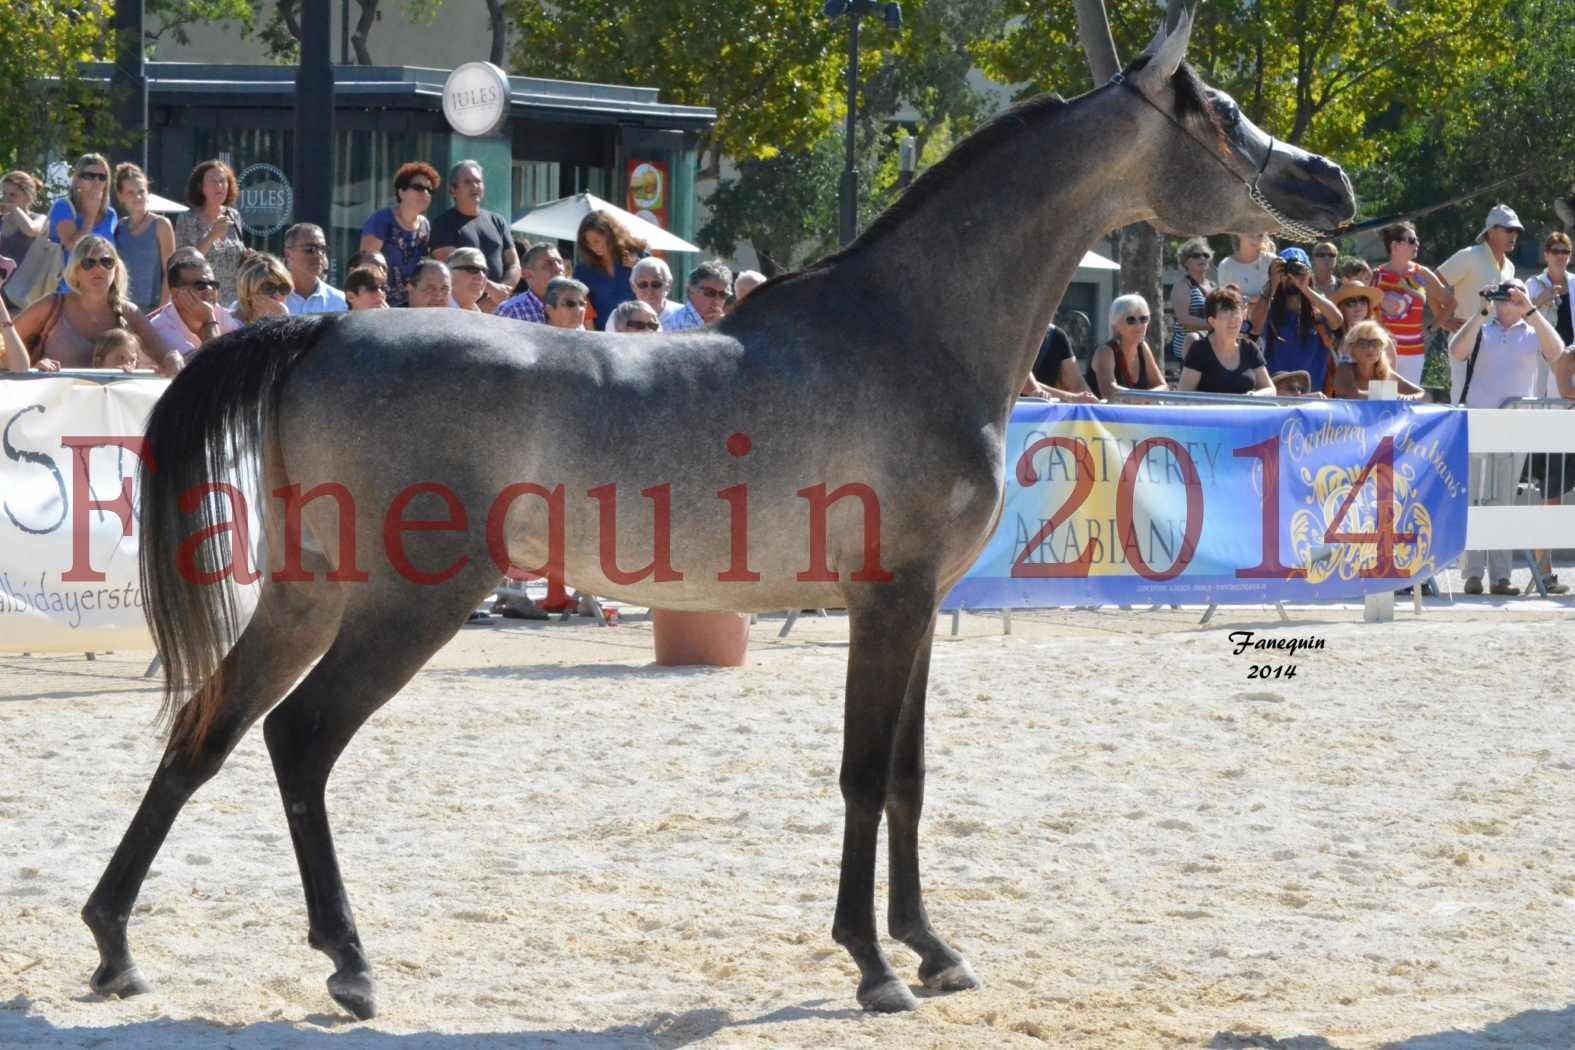 Concours National de Nîmes de chevaux ARABES 2014 - Notre Sélection - JOSEPH'S BOUZIOLS - 03